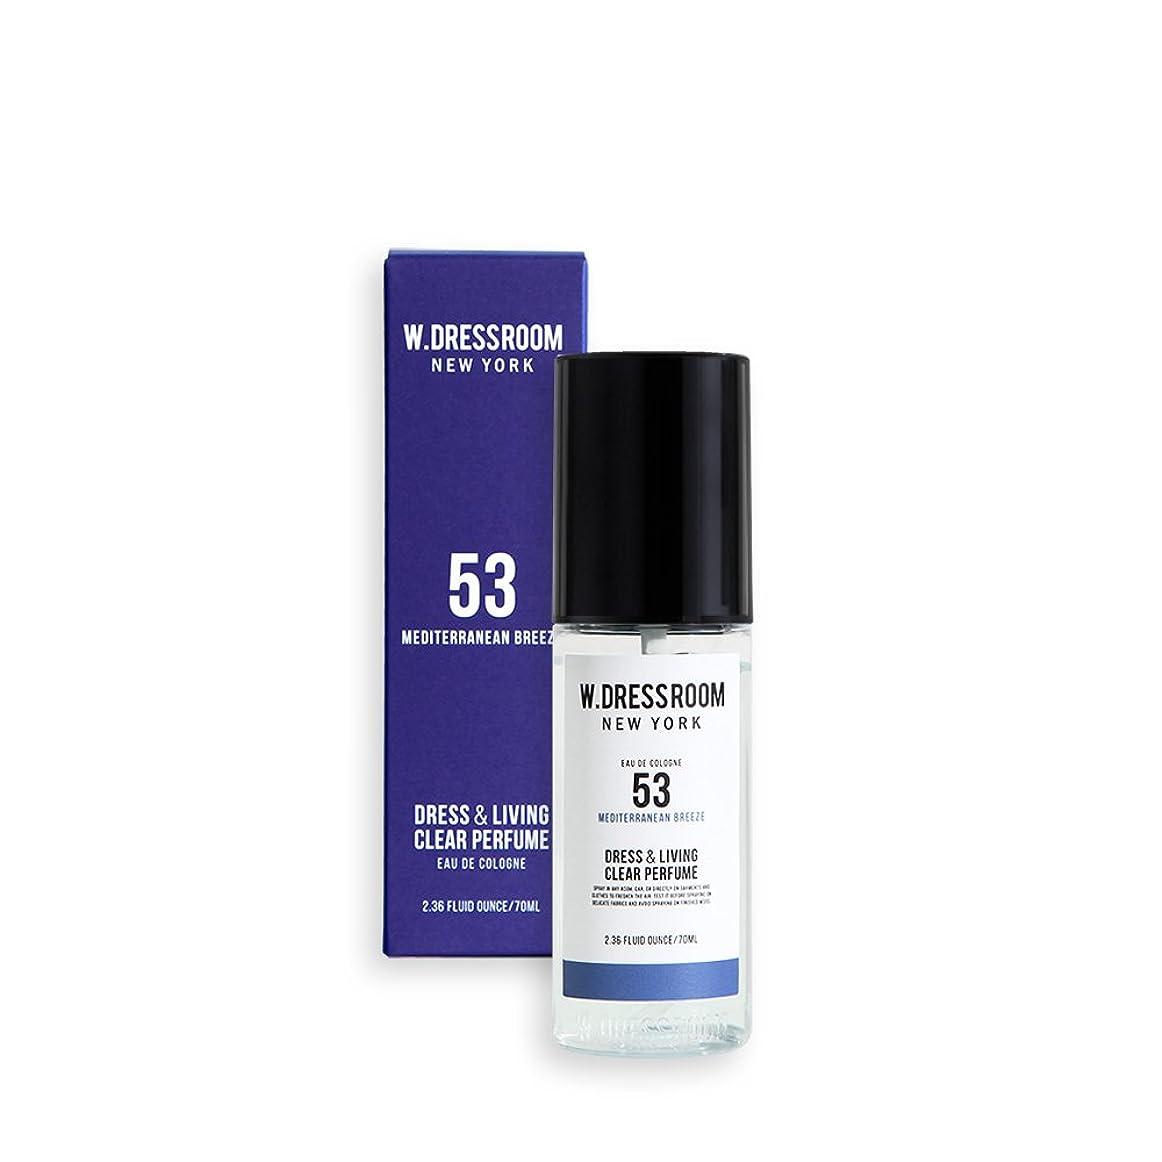 ストッキング編集者溶融W.DRESSROOM Dress & Living Clear Perfume 70ml/ダブルドレスルーム ドレス&リビング クリア パフューム 70ml (#No.53 Mediterranean Breeze) [並行輸入品]